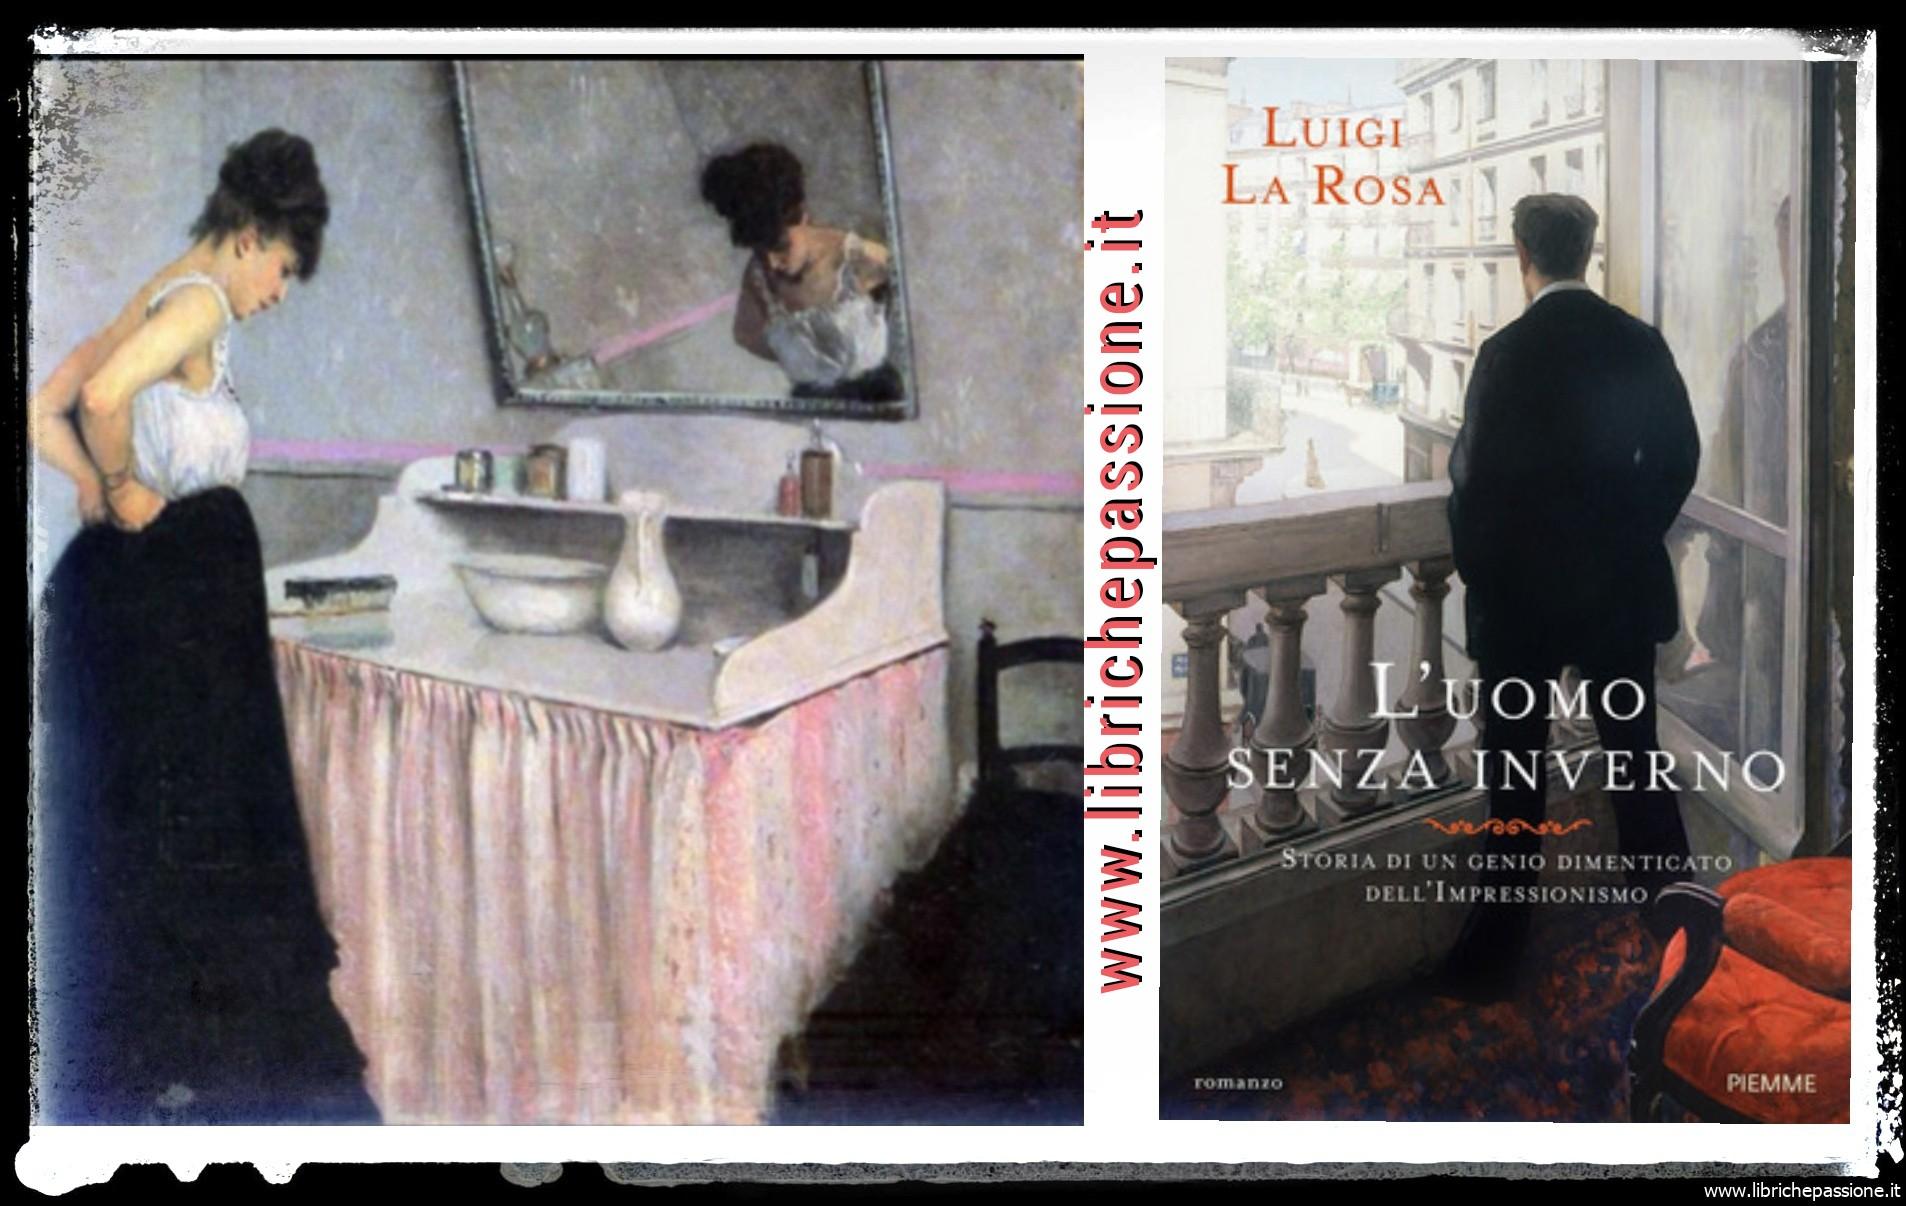 """""""L'uomo senza inverno"""" di Luigi La Rosa edito da Piemme"""